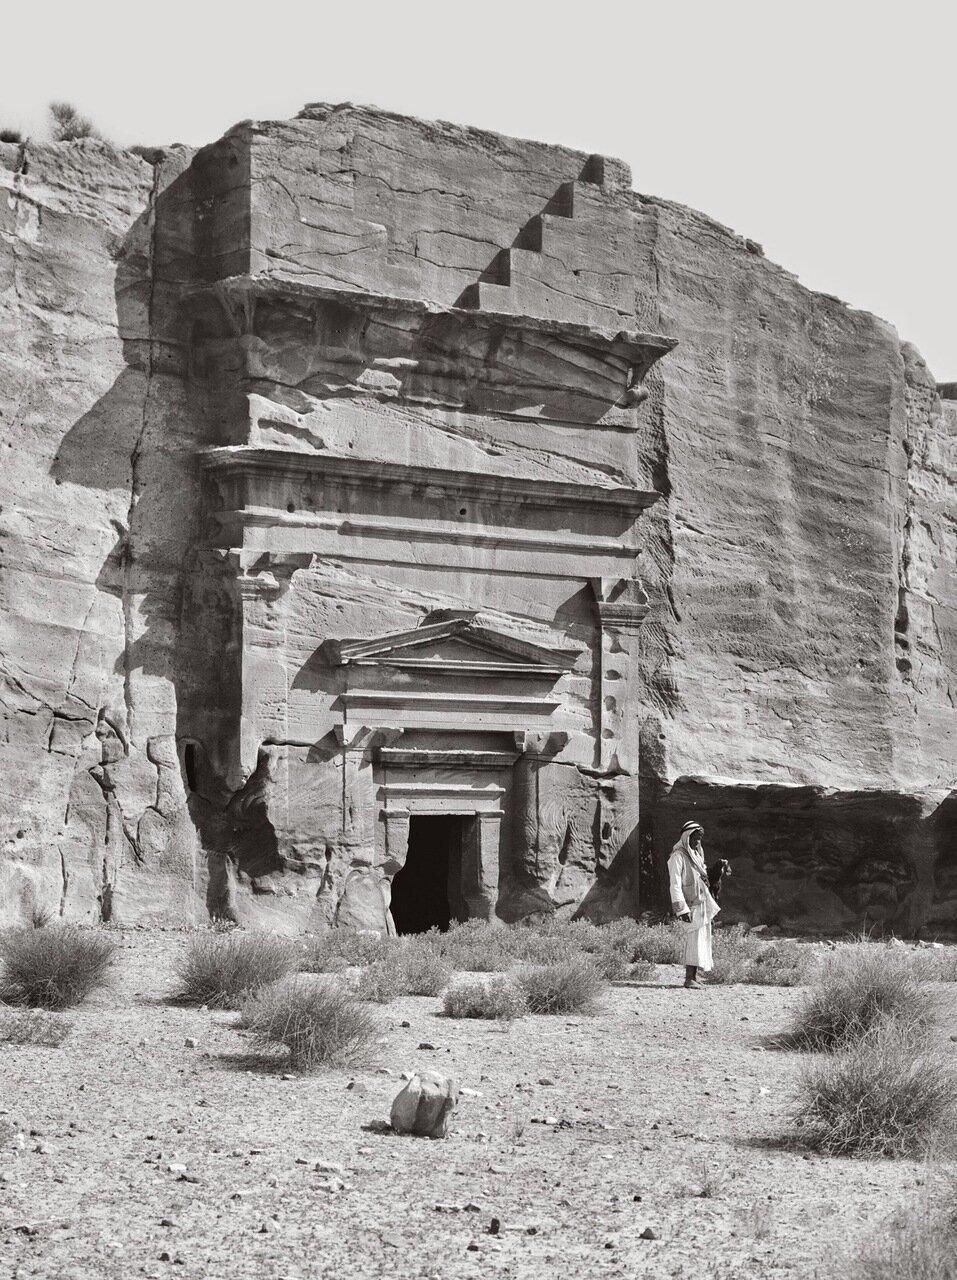 Типичная двойная гробница. Аль-Месра. Петра, Трансиордания. 1920-1933 гг.